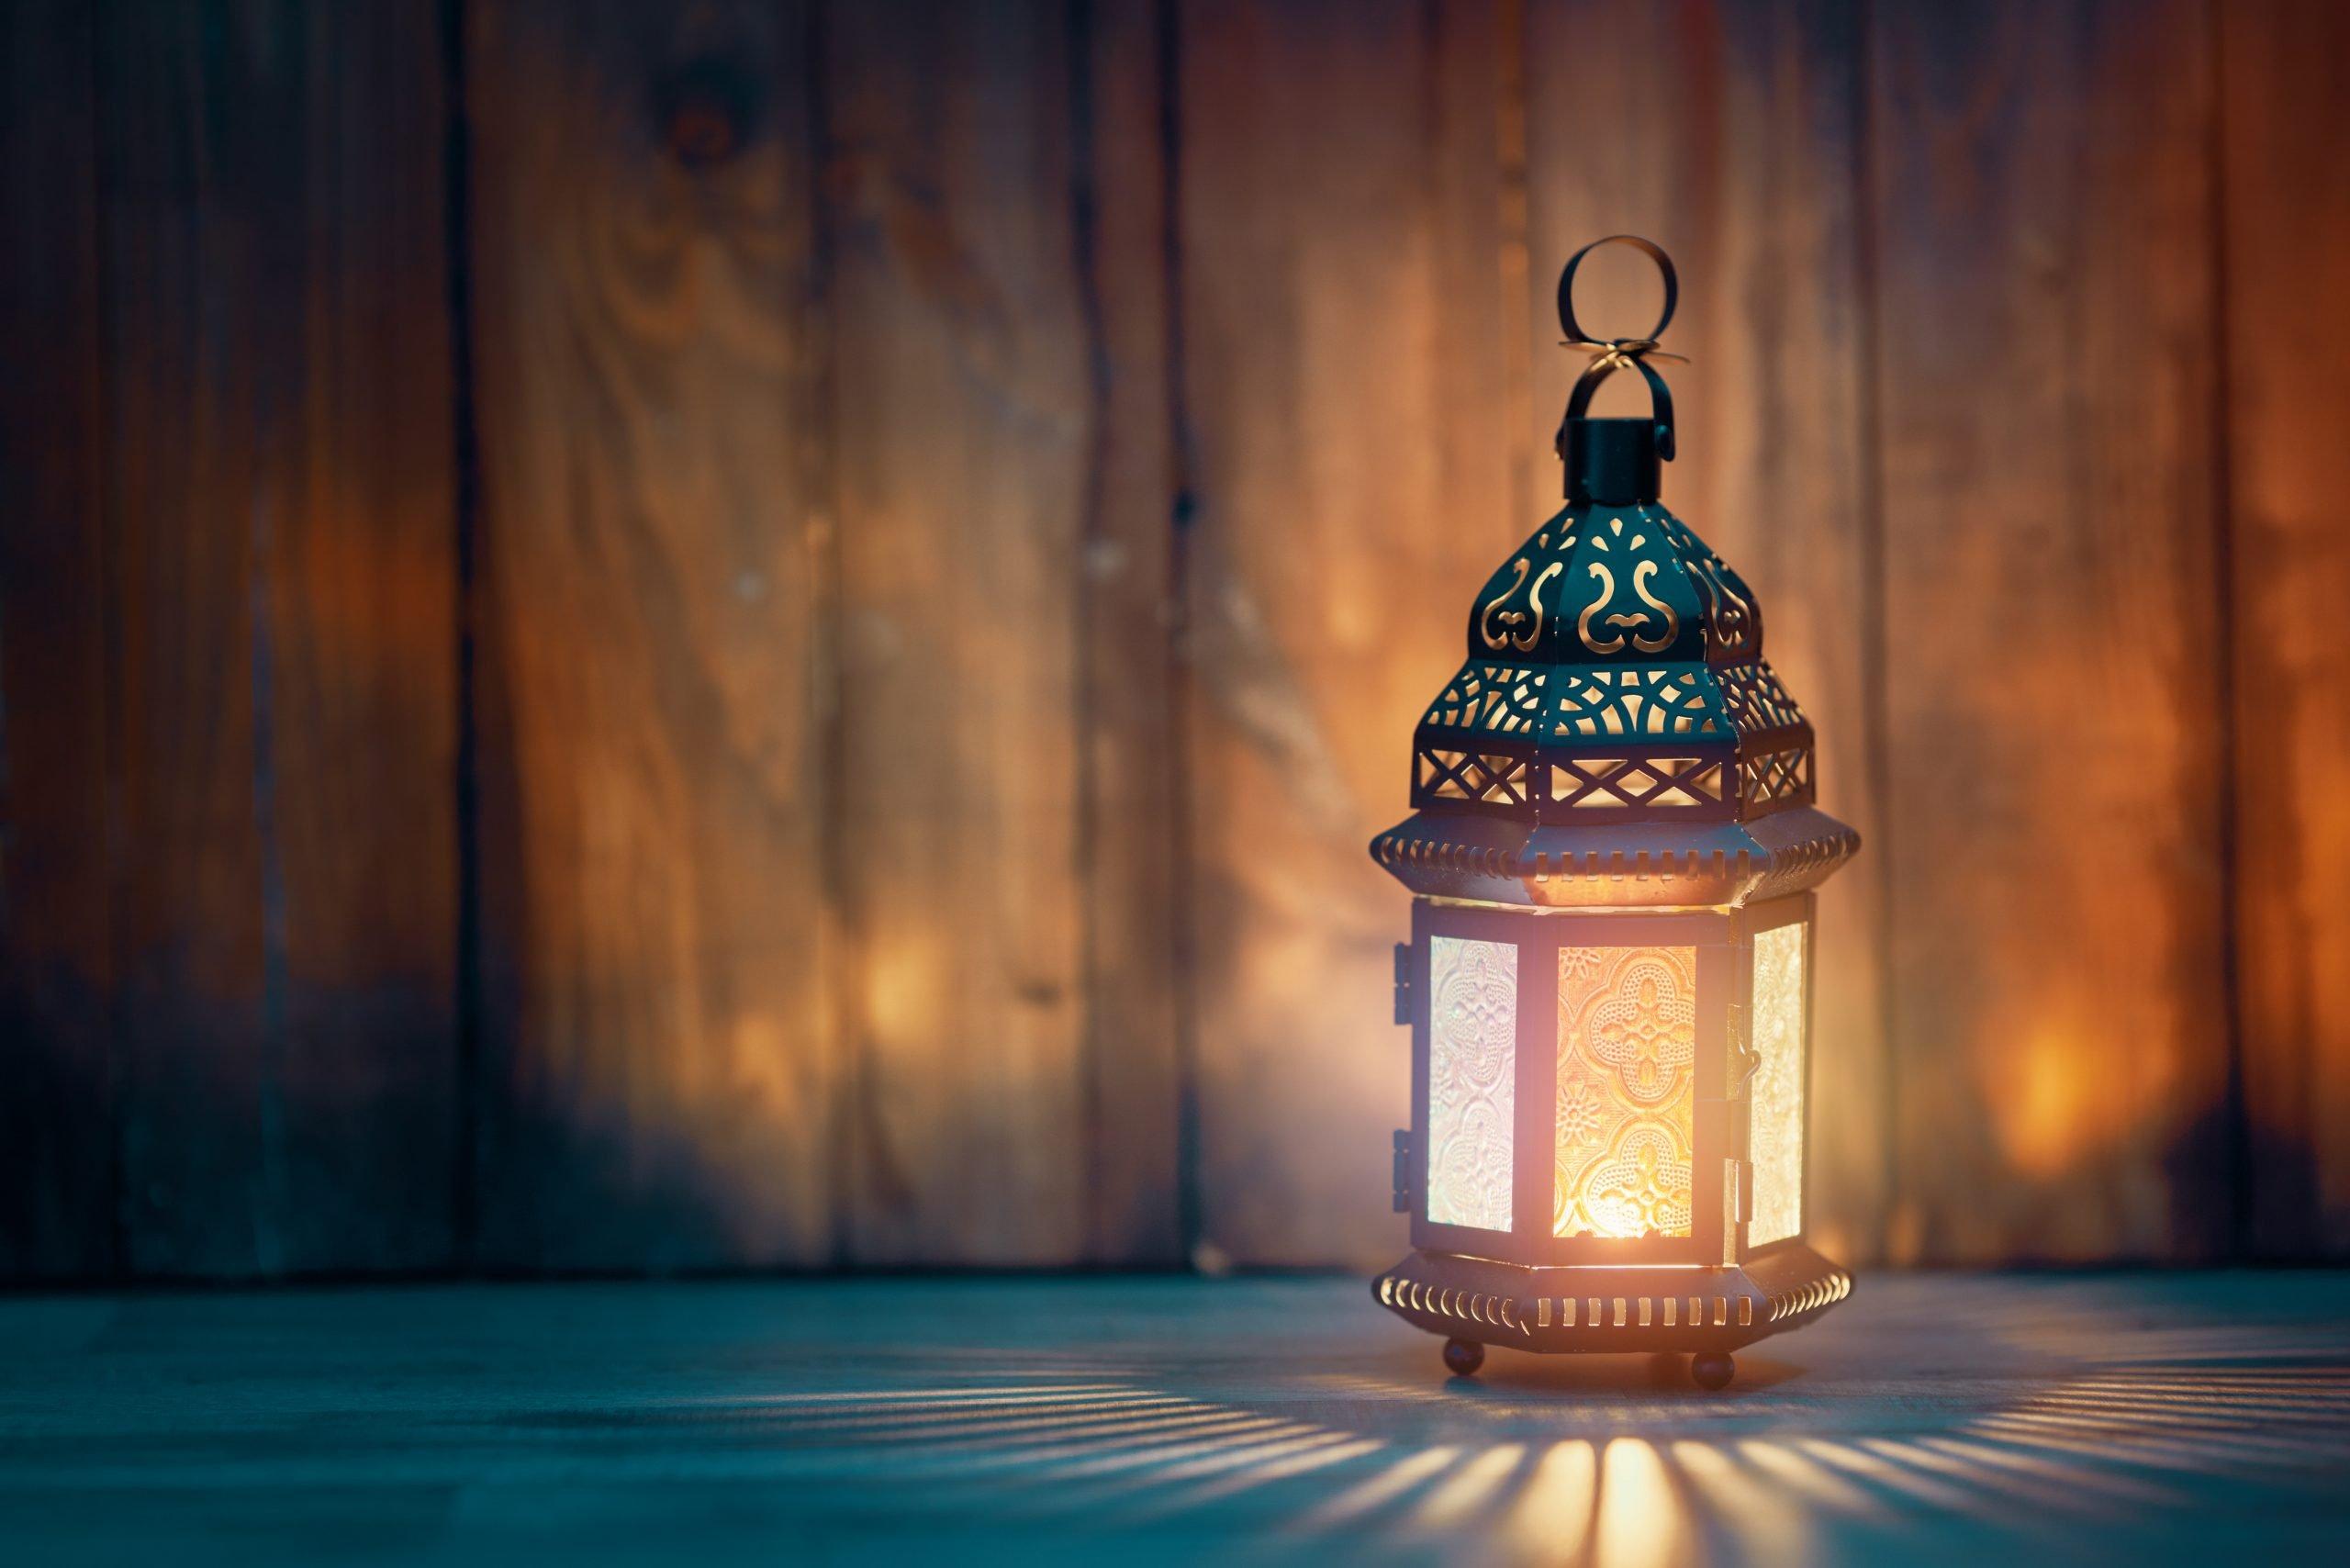 Advertising during Ramadan